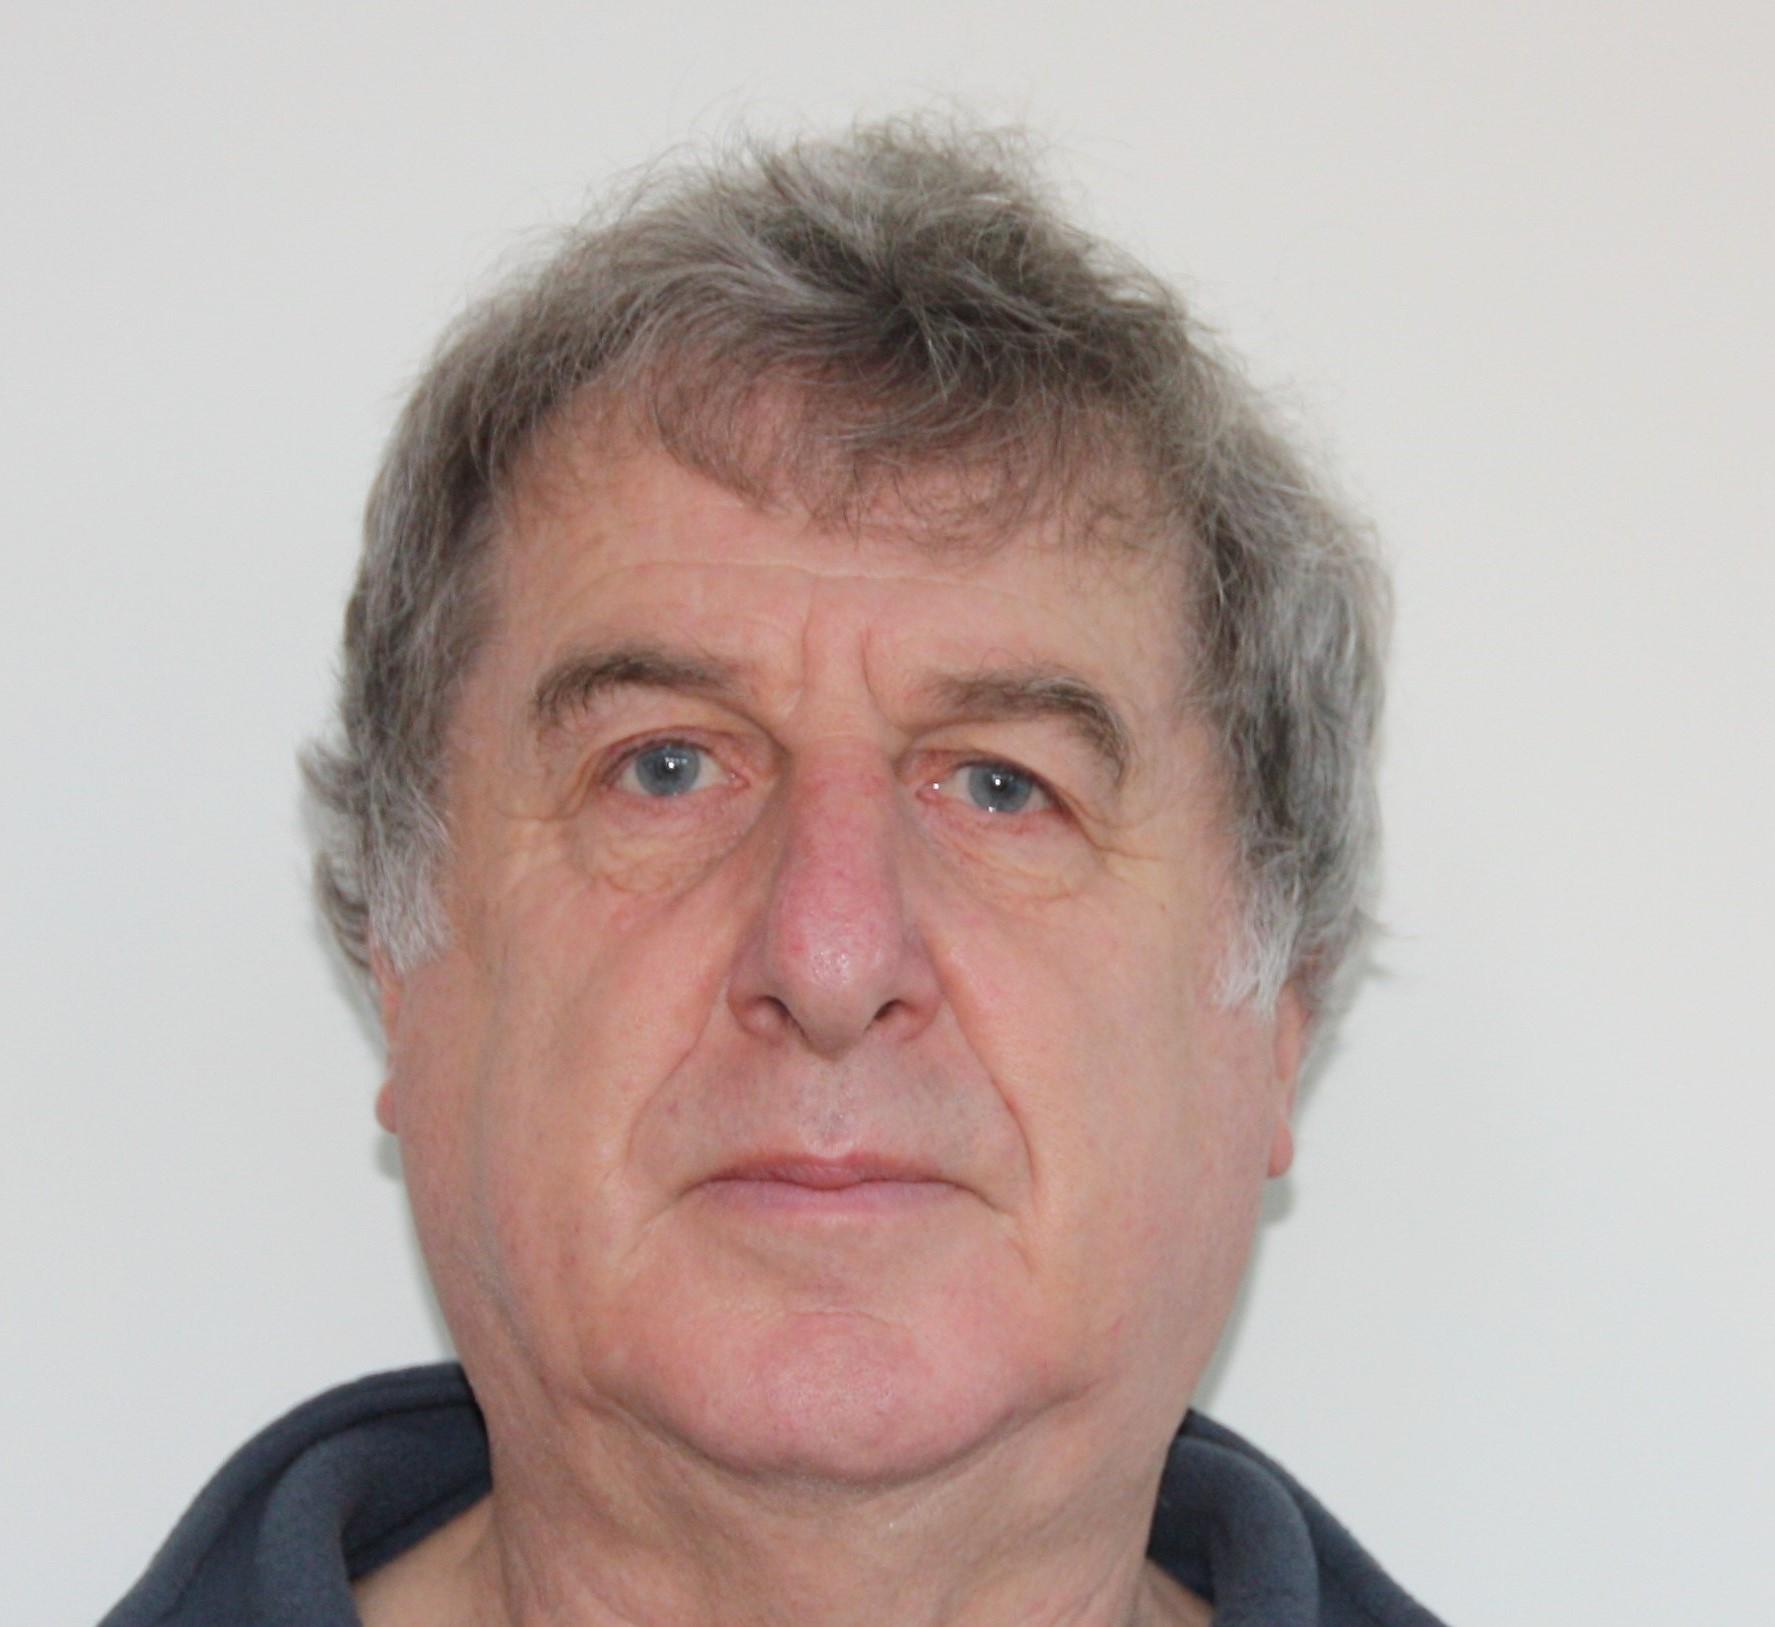 Photograph of Councillor Steve Axford